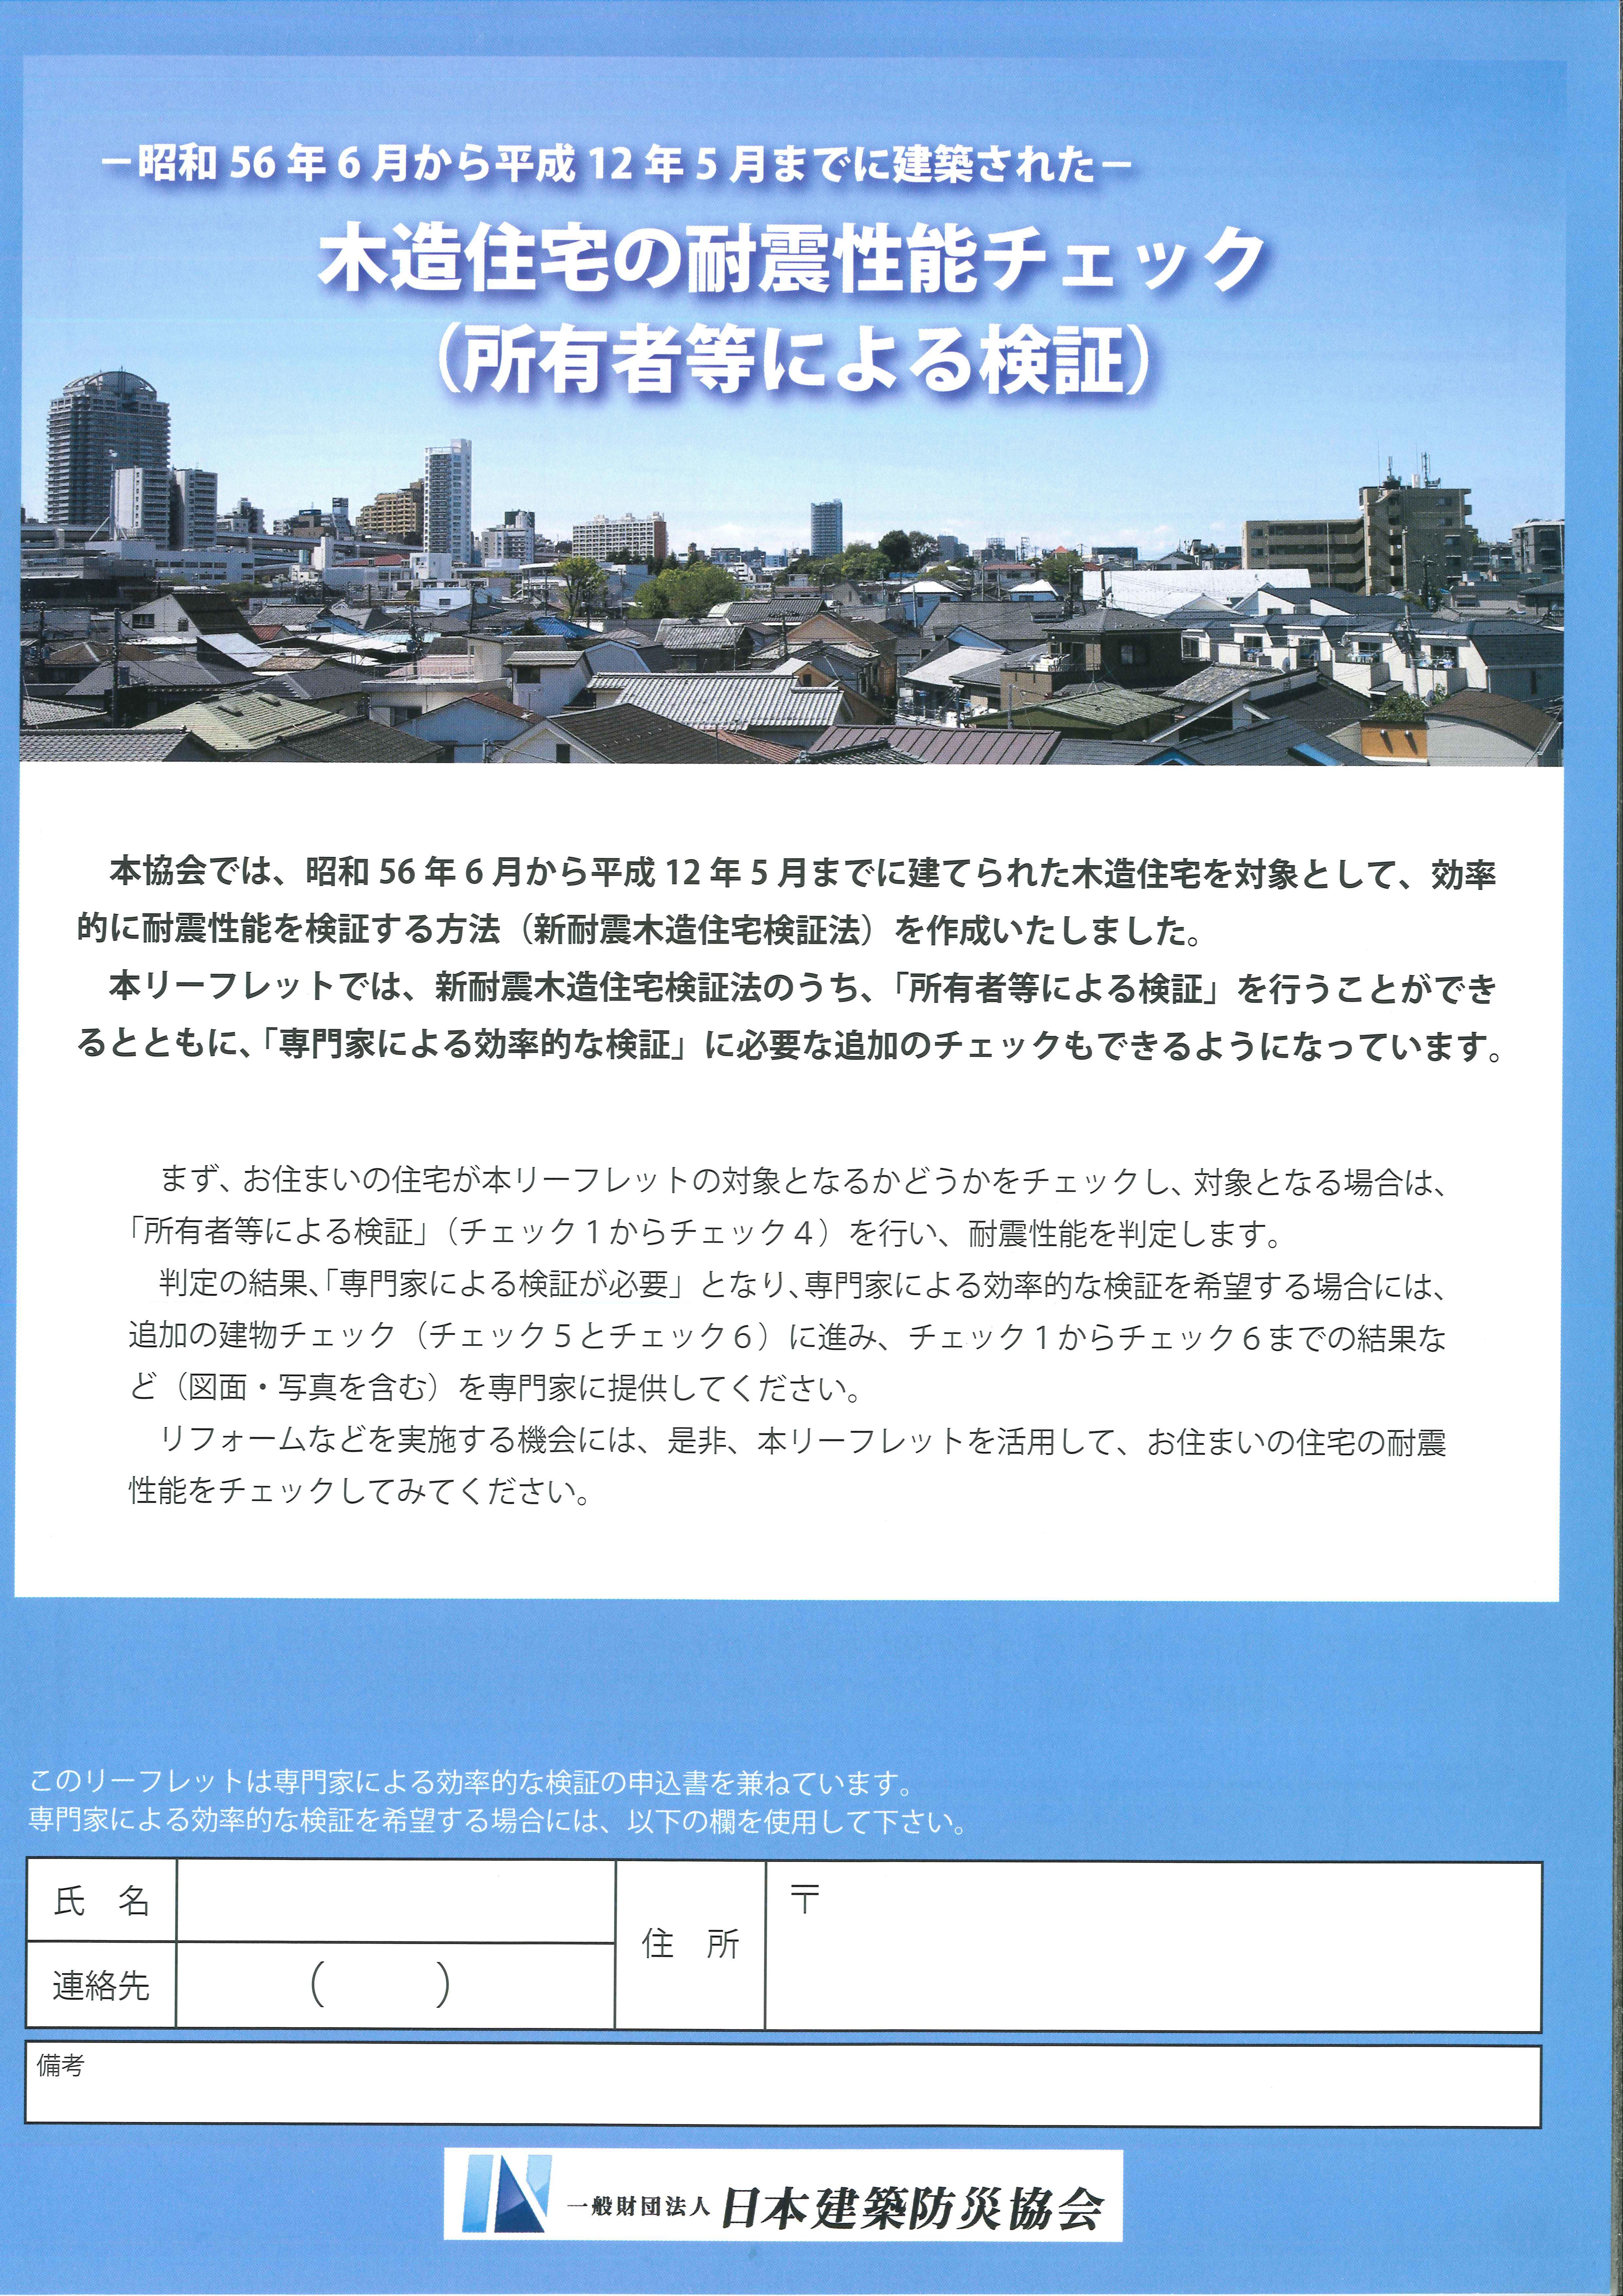 木造住宅の耐震性能チェック(所有者等による検証)